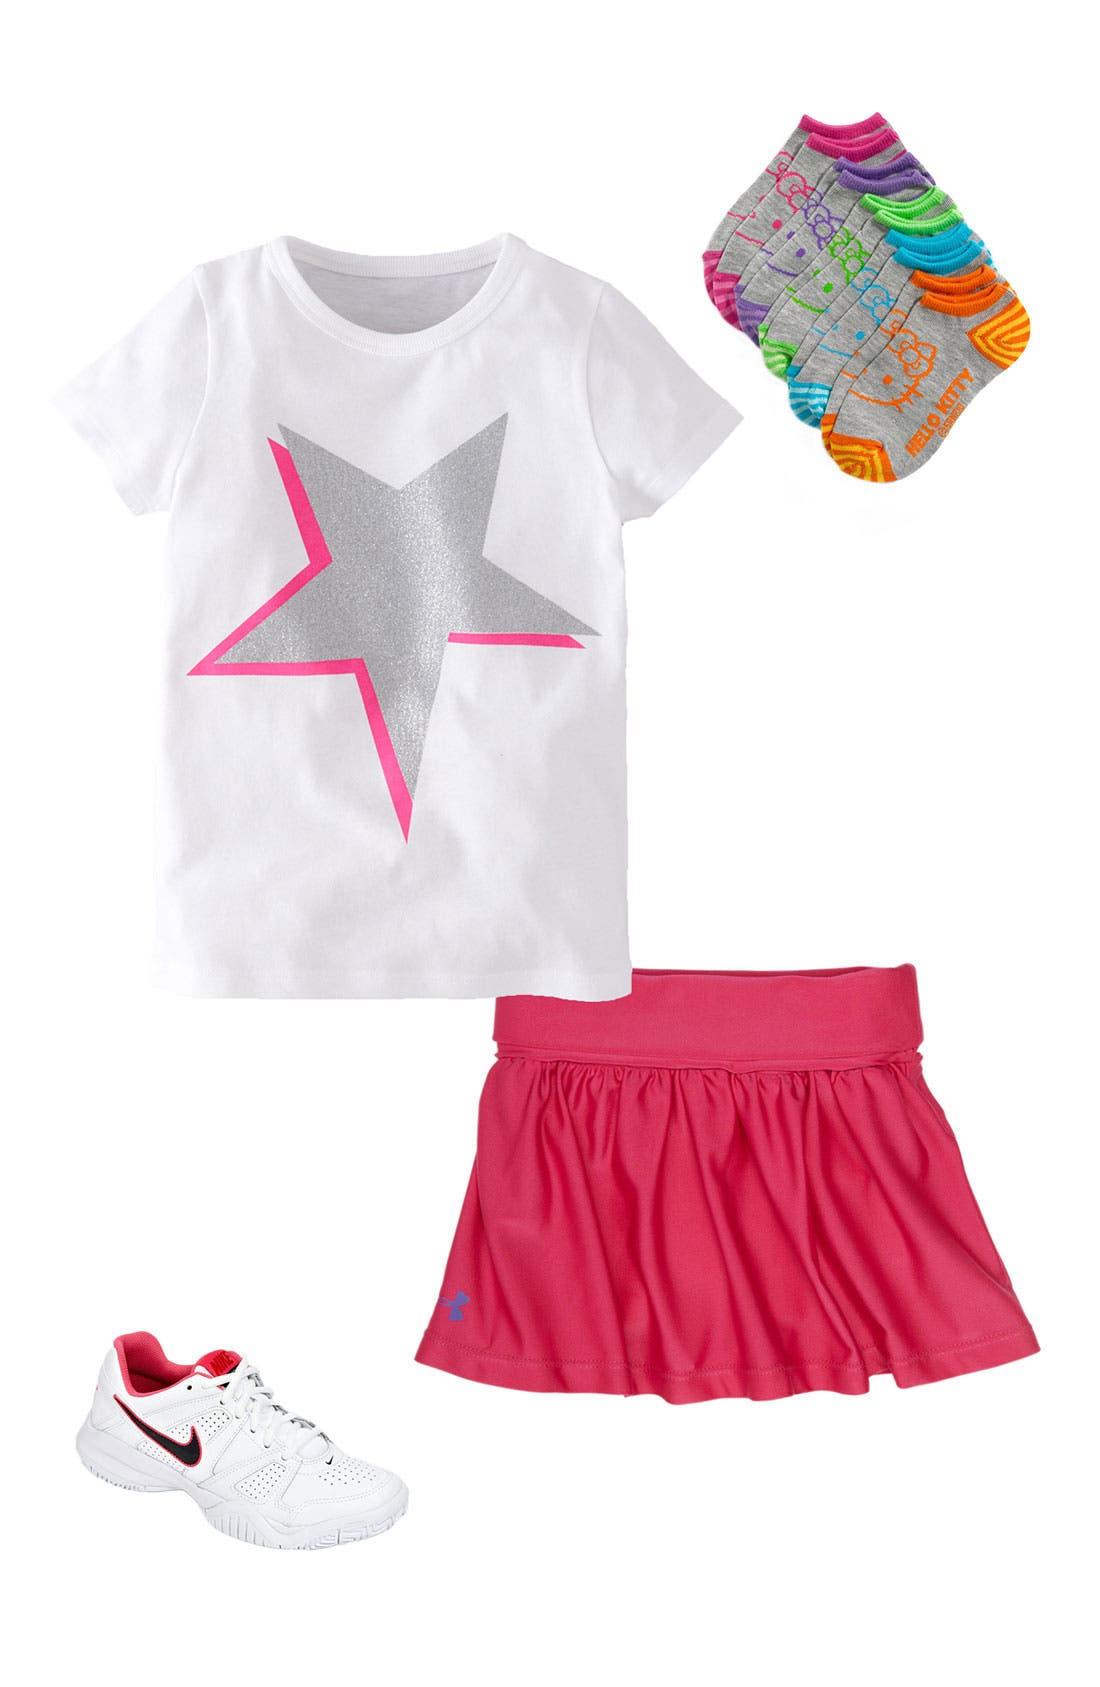 Main Image - Mini Boden Tee, Under Armour Skirt & Nike Sneaker (Toddler)